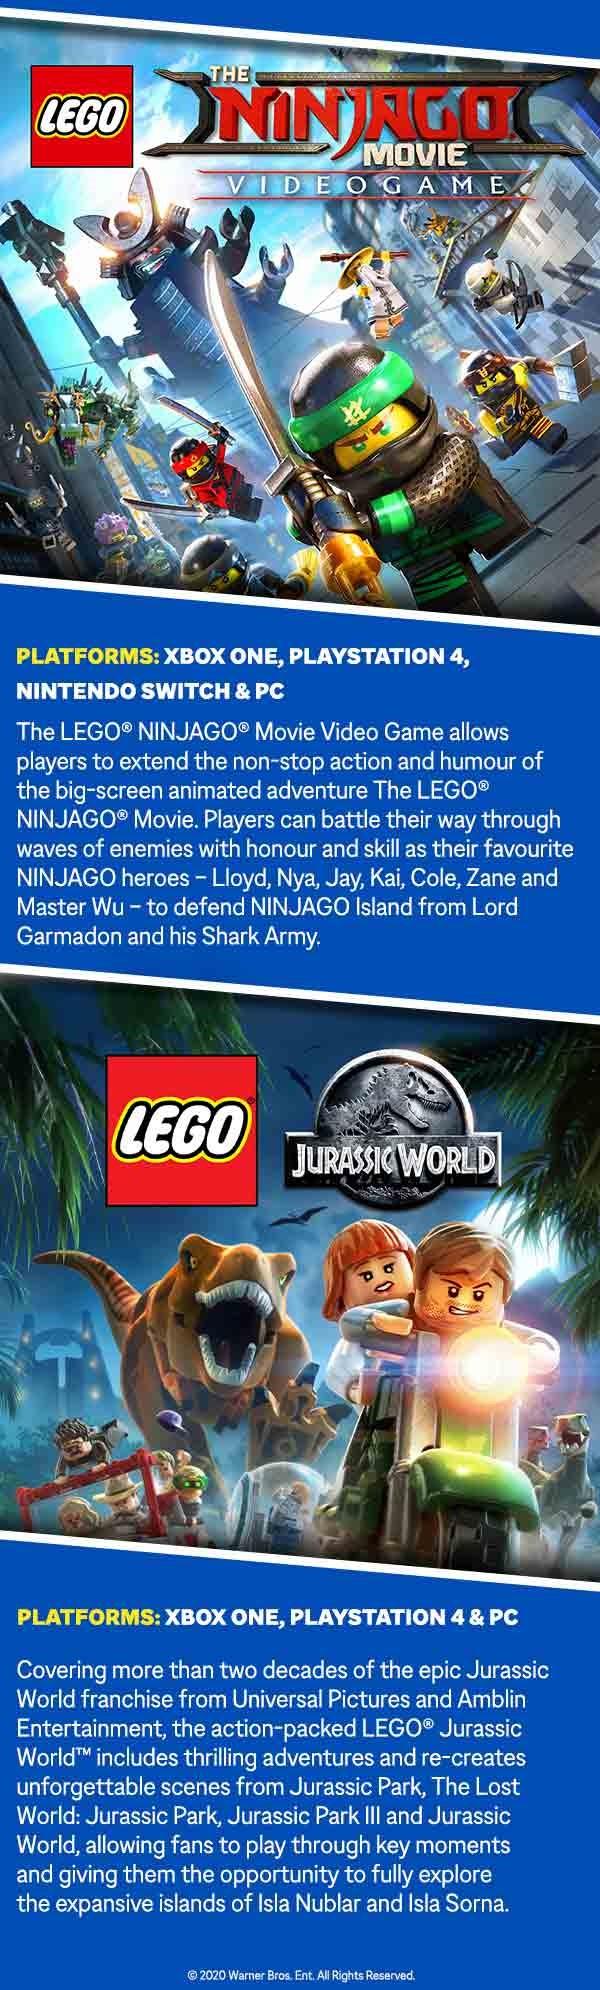 Jurassic Park LEGO Artwork